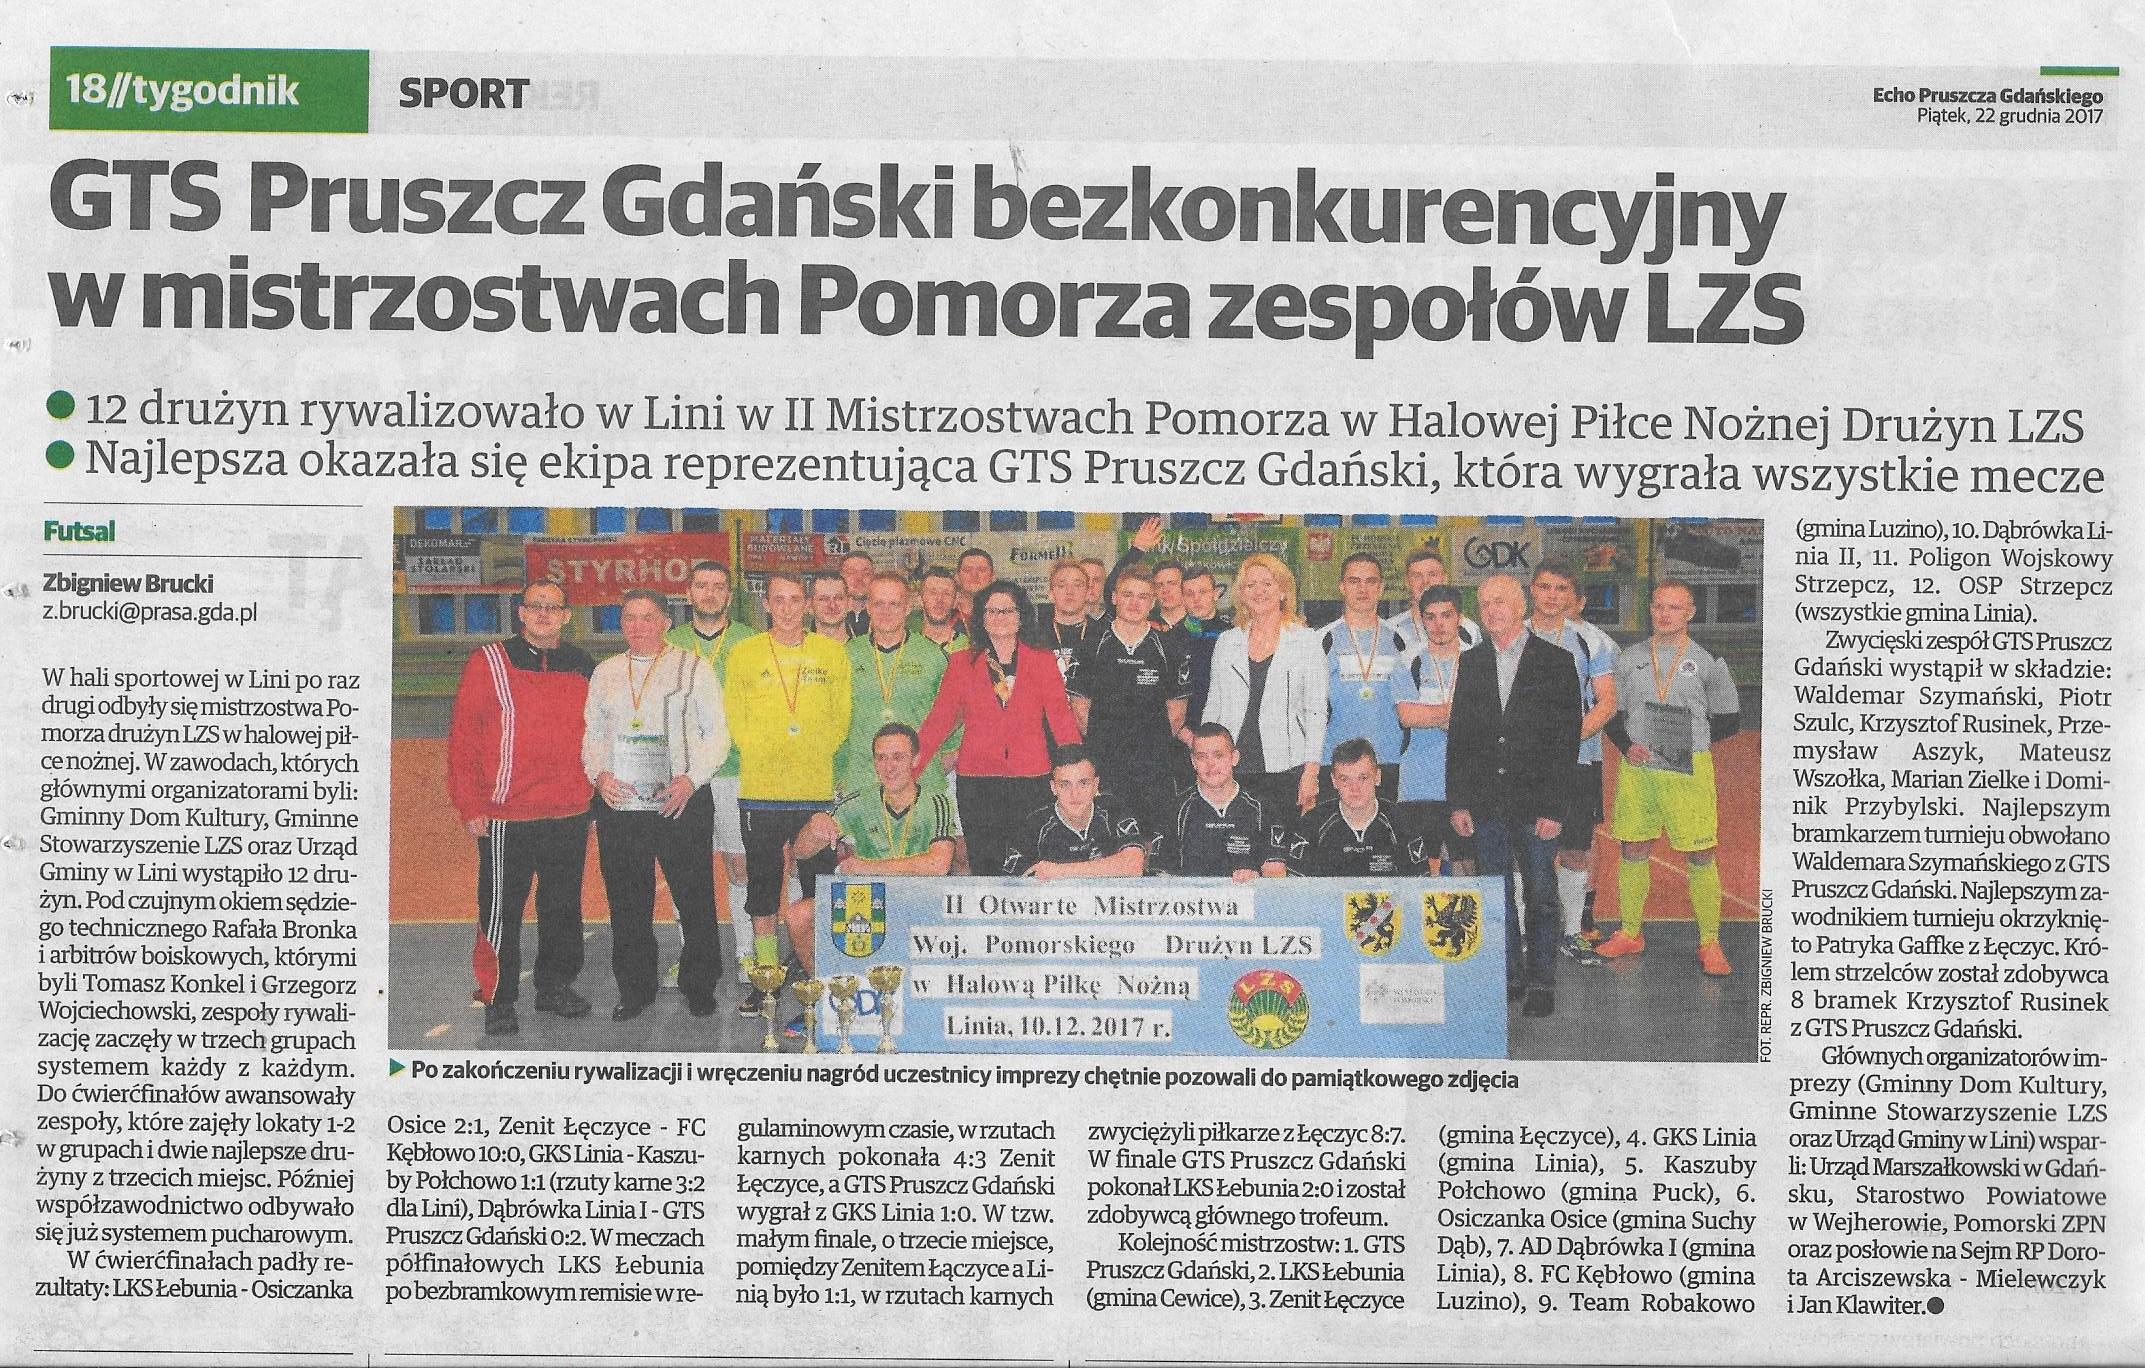 Echo Pruszcza Gdańskiego, 22.12.2017